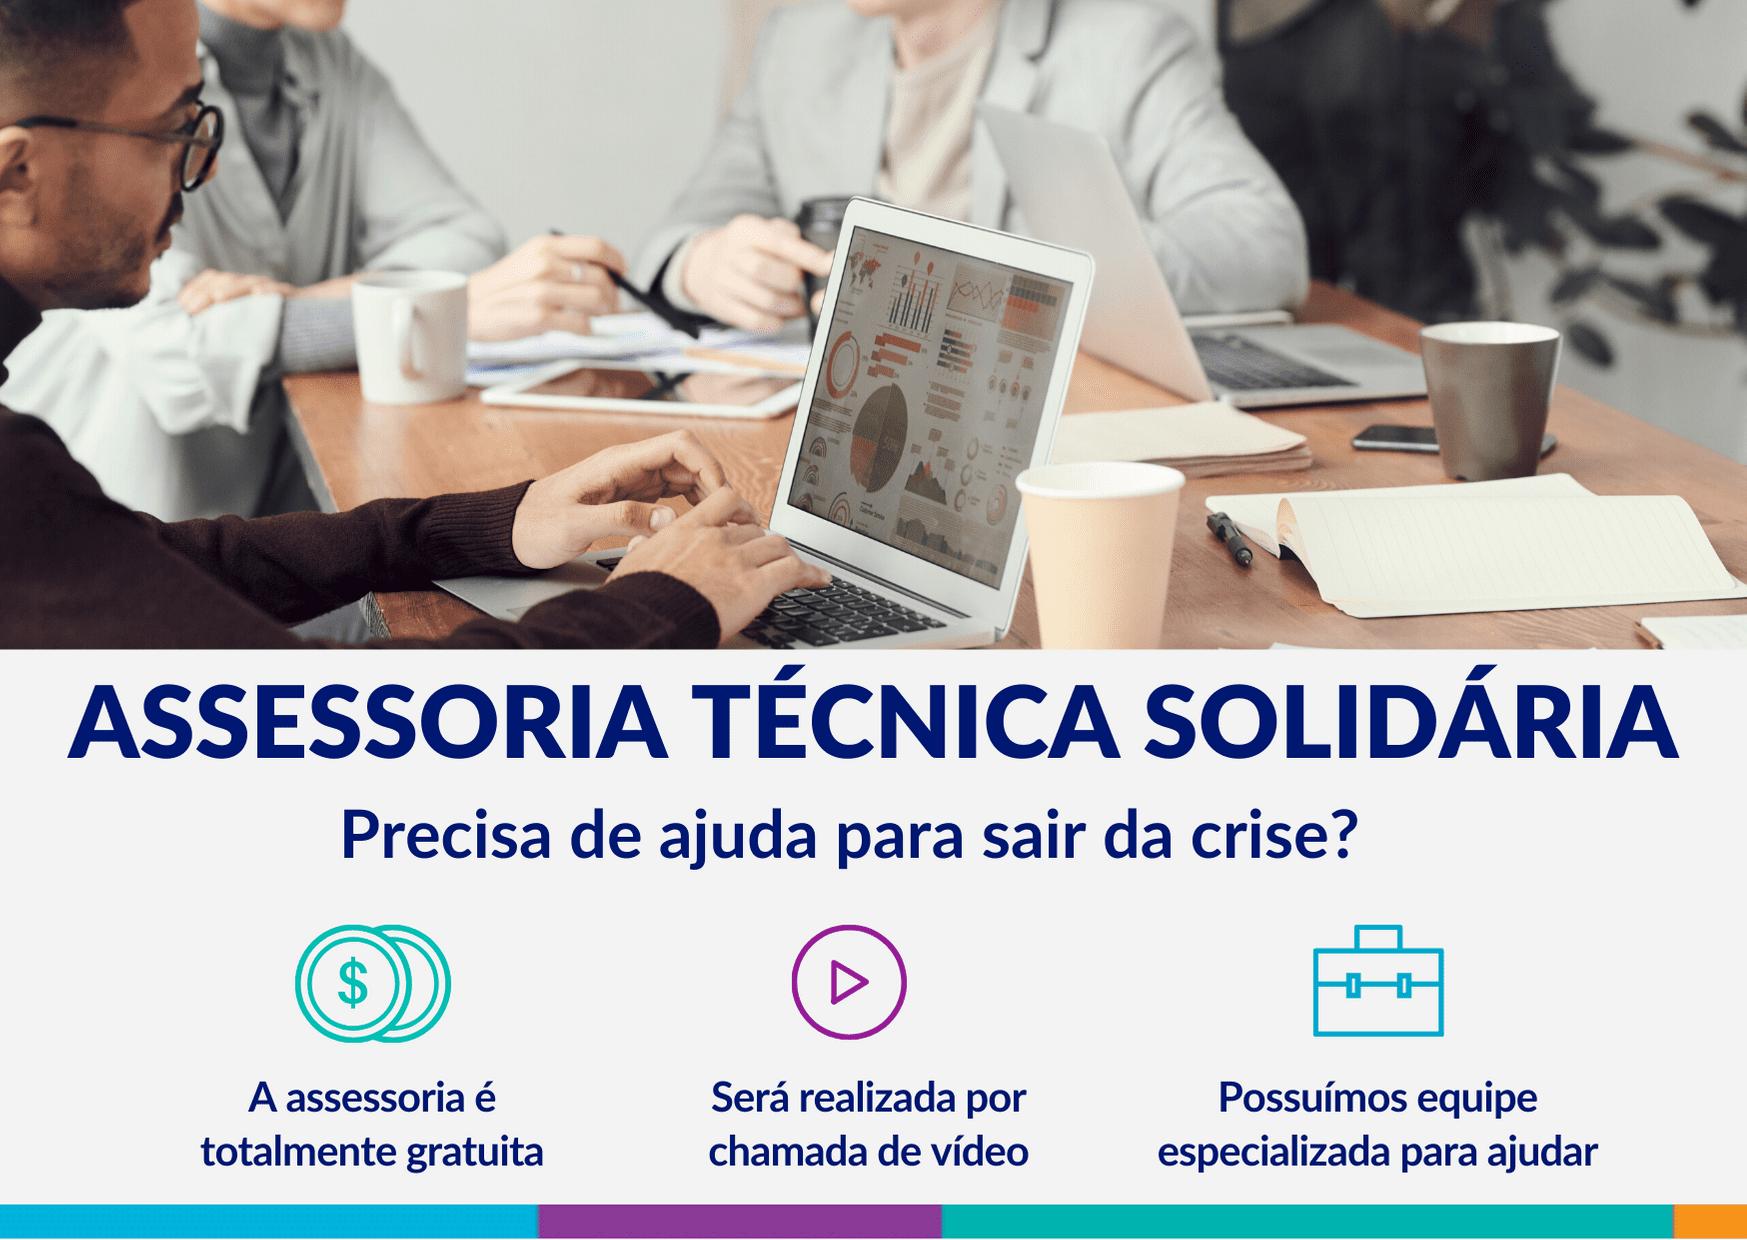 Assessoria técnica SOLIDÁRIA